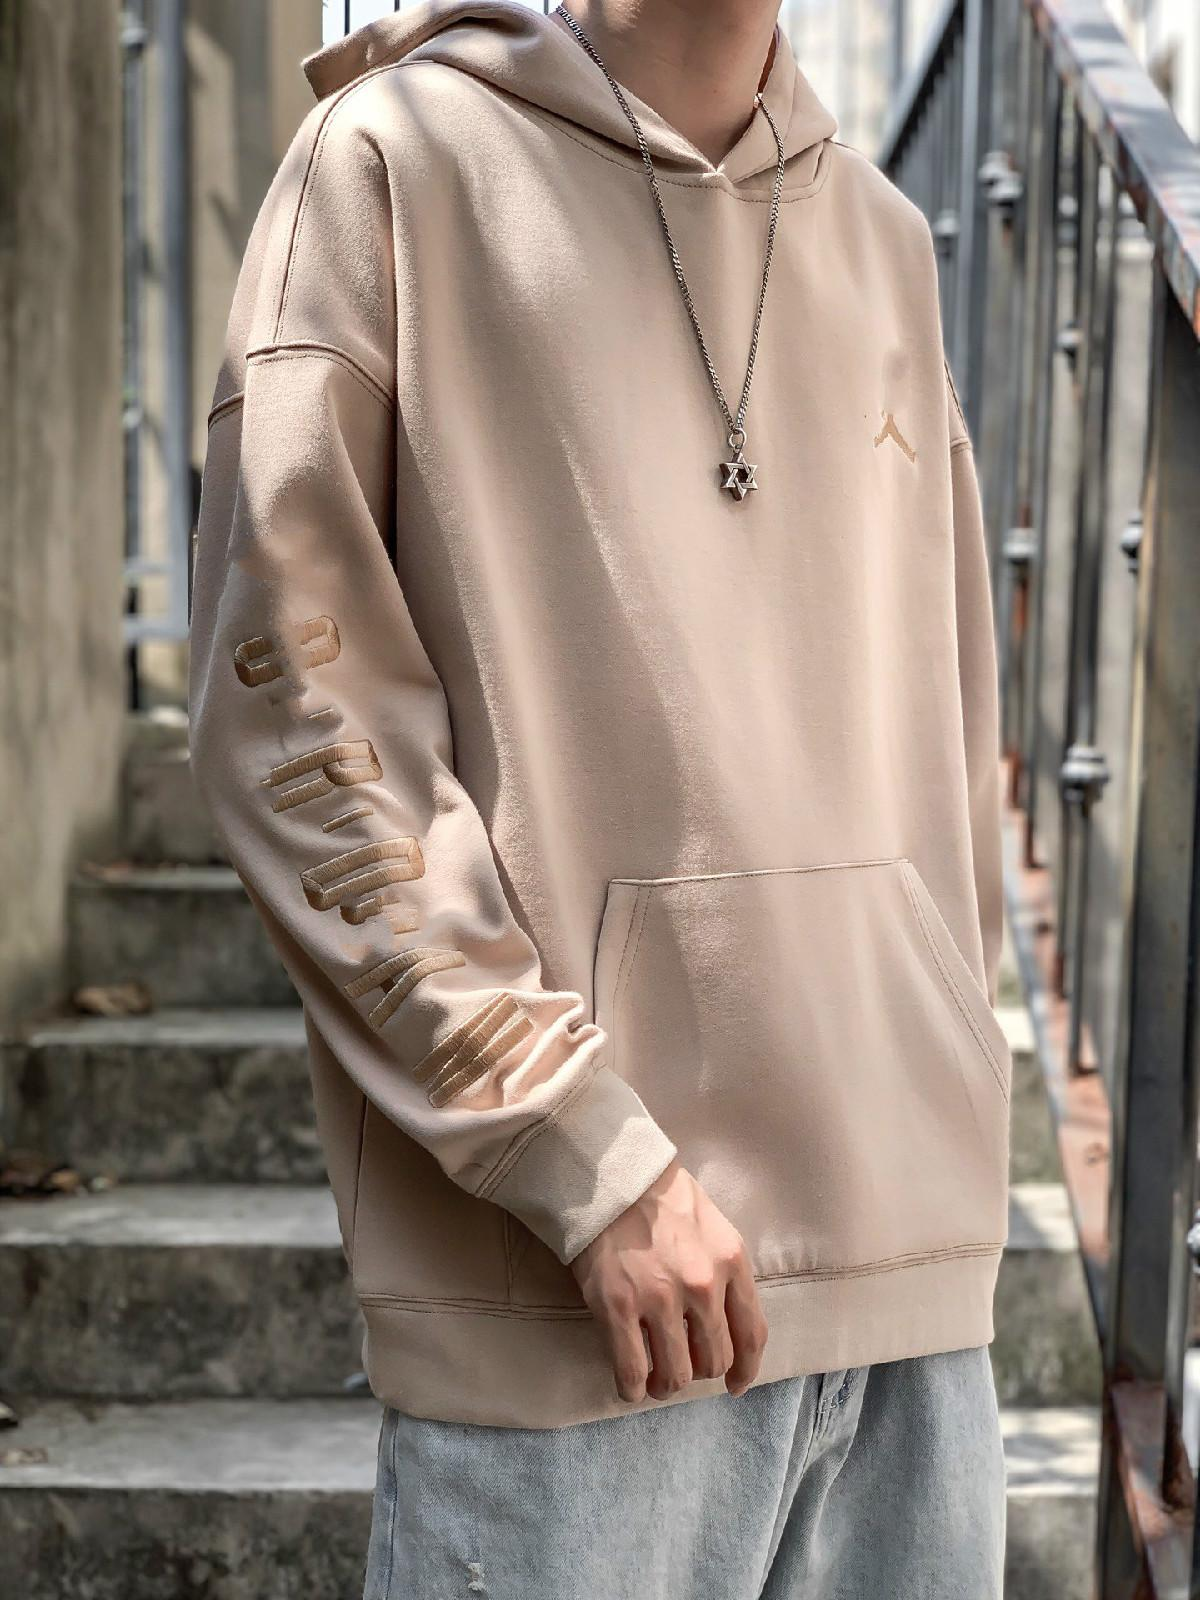 2020 nouveaux hommes cagoulés broderie occasionnels densité classique tissu de coton 320 grammes multi-couleurs des hommes et des femmes en option le même pull-over